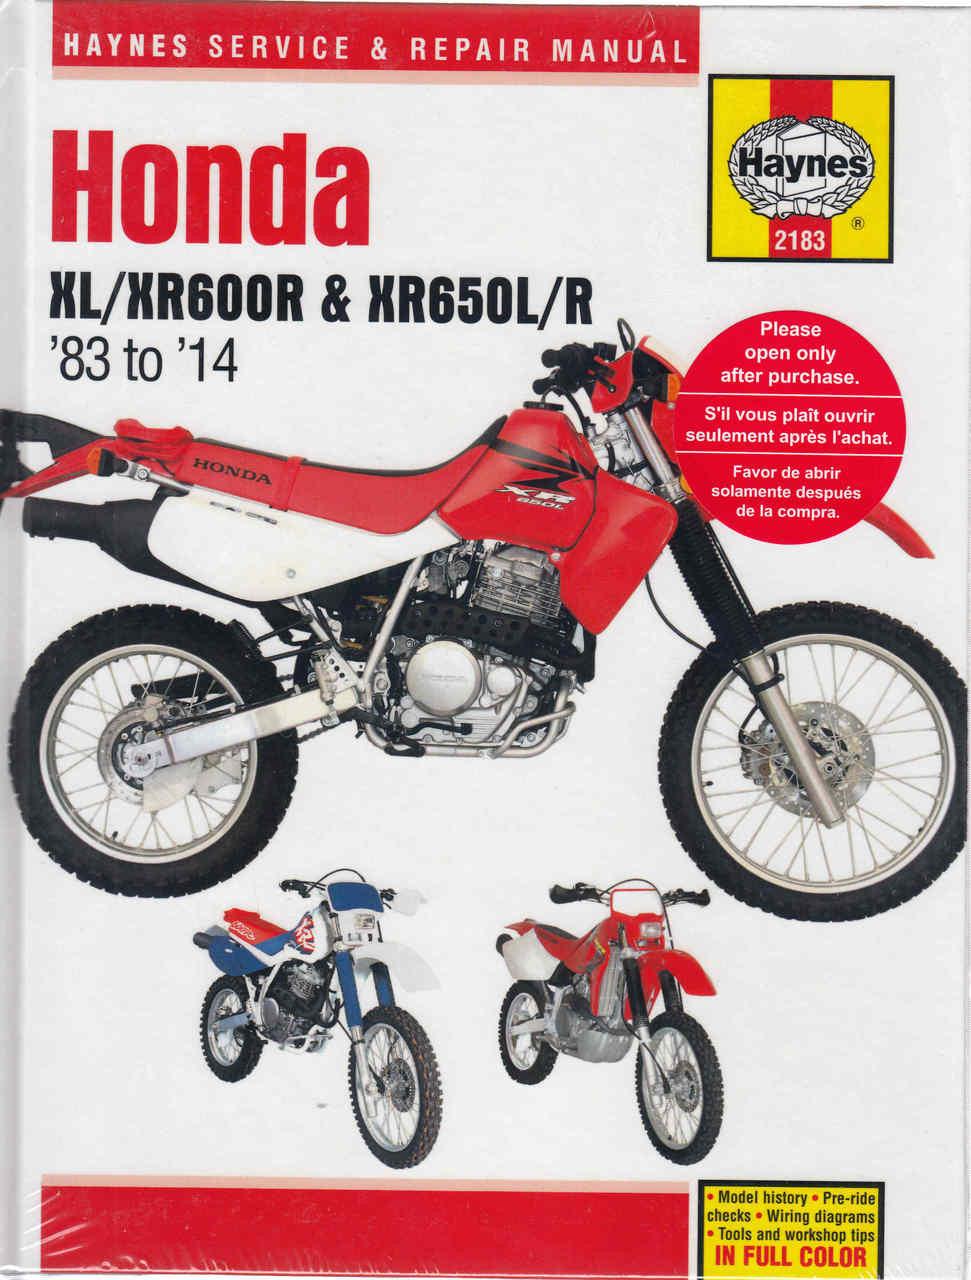 Buy Honda Xl600r Xr600r Xr650l Xr650r 1983 2008 Workshop Manual. Honda Xl600r Xr600r Xr650l Xr650r 1983 2014 Workshop Manual 9781620920978. Honda. Wire Diagram 1985 Honda Xl600r At Scoala.co